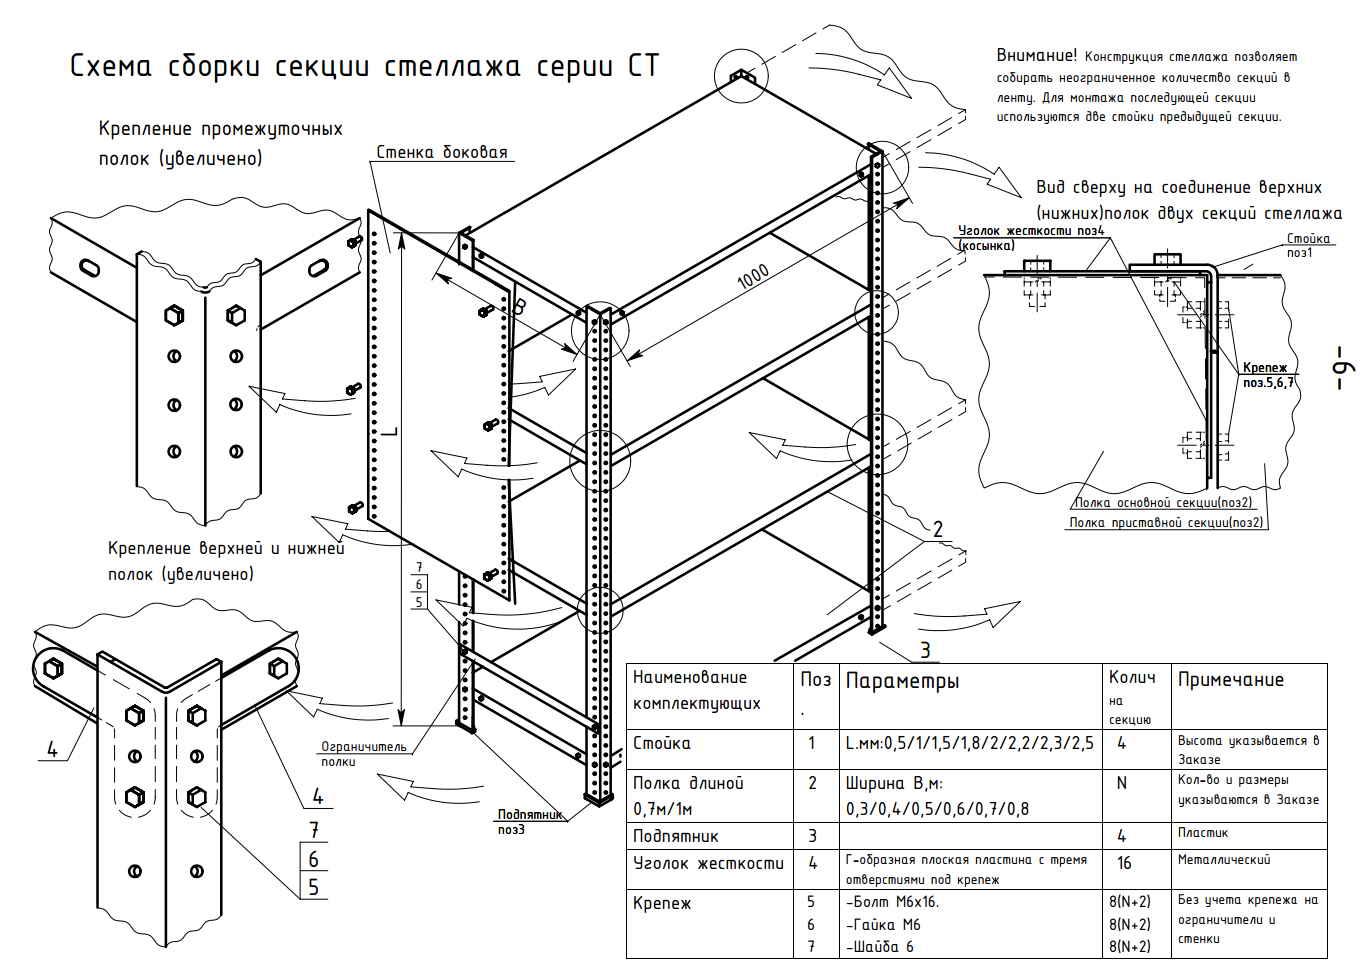 Инструкция по сборке стеллажа СТ